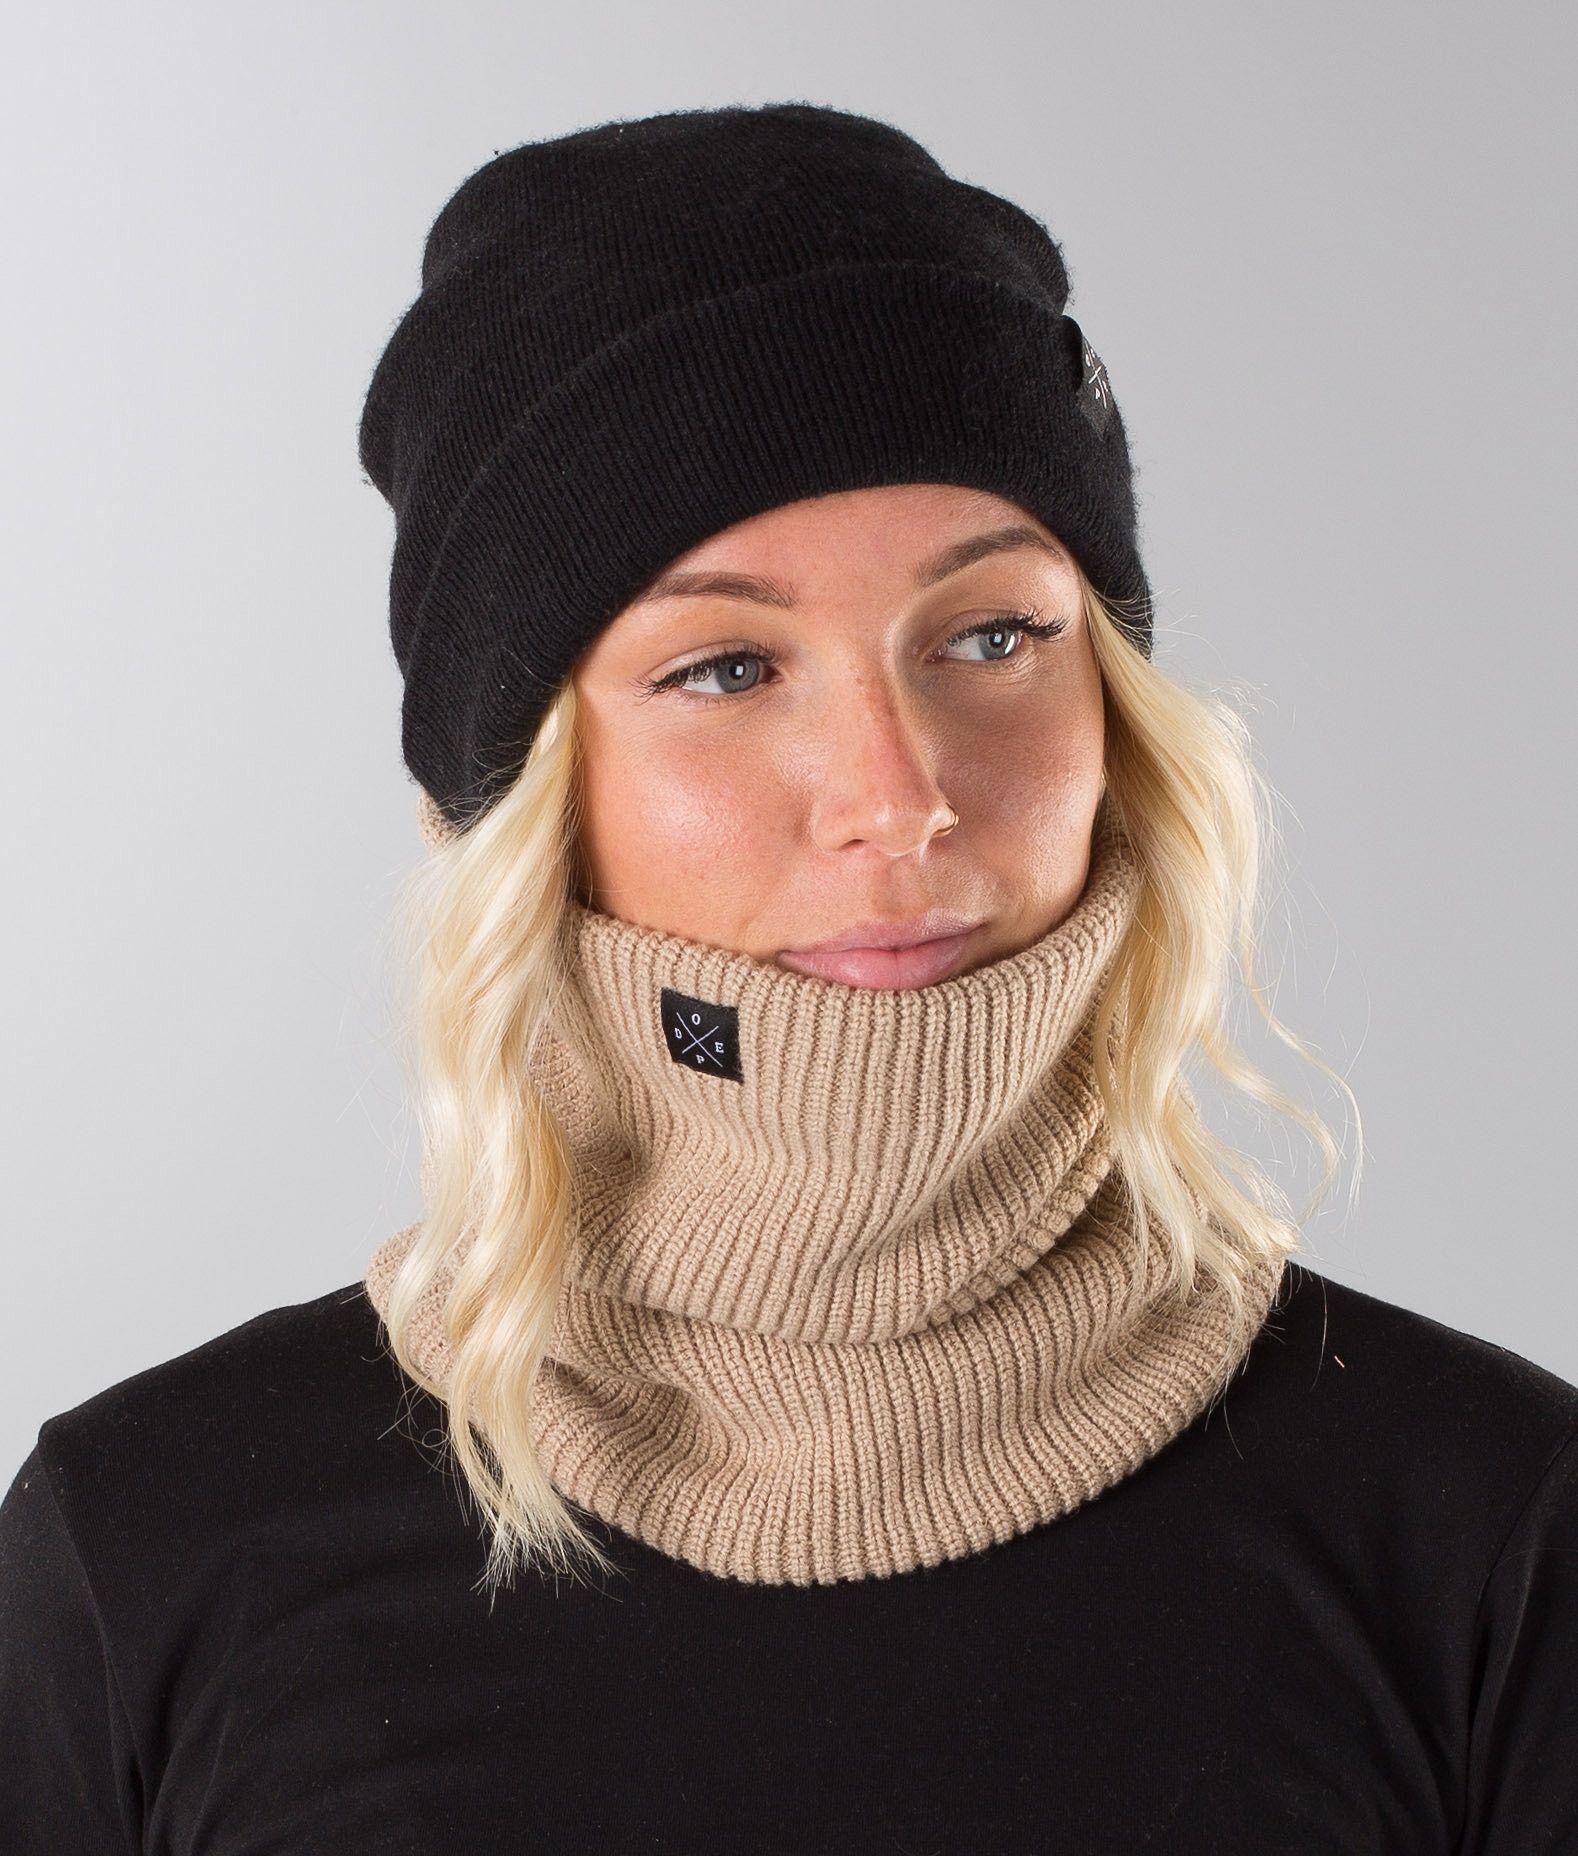 Snowboard Neckwarmer Neck Warmer Knitted Hats Snowboard